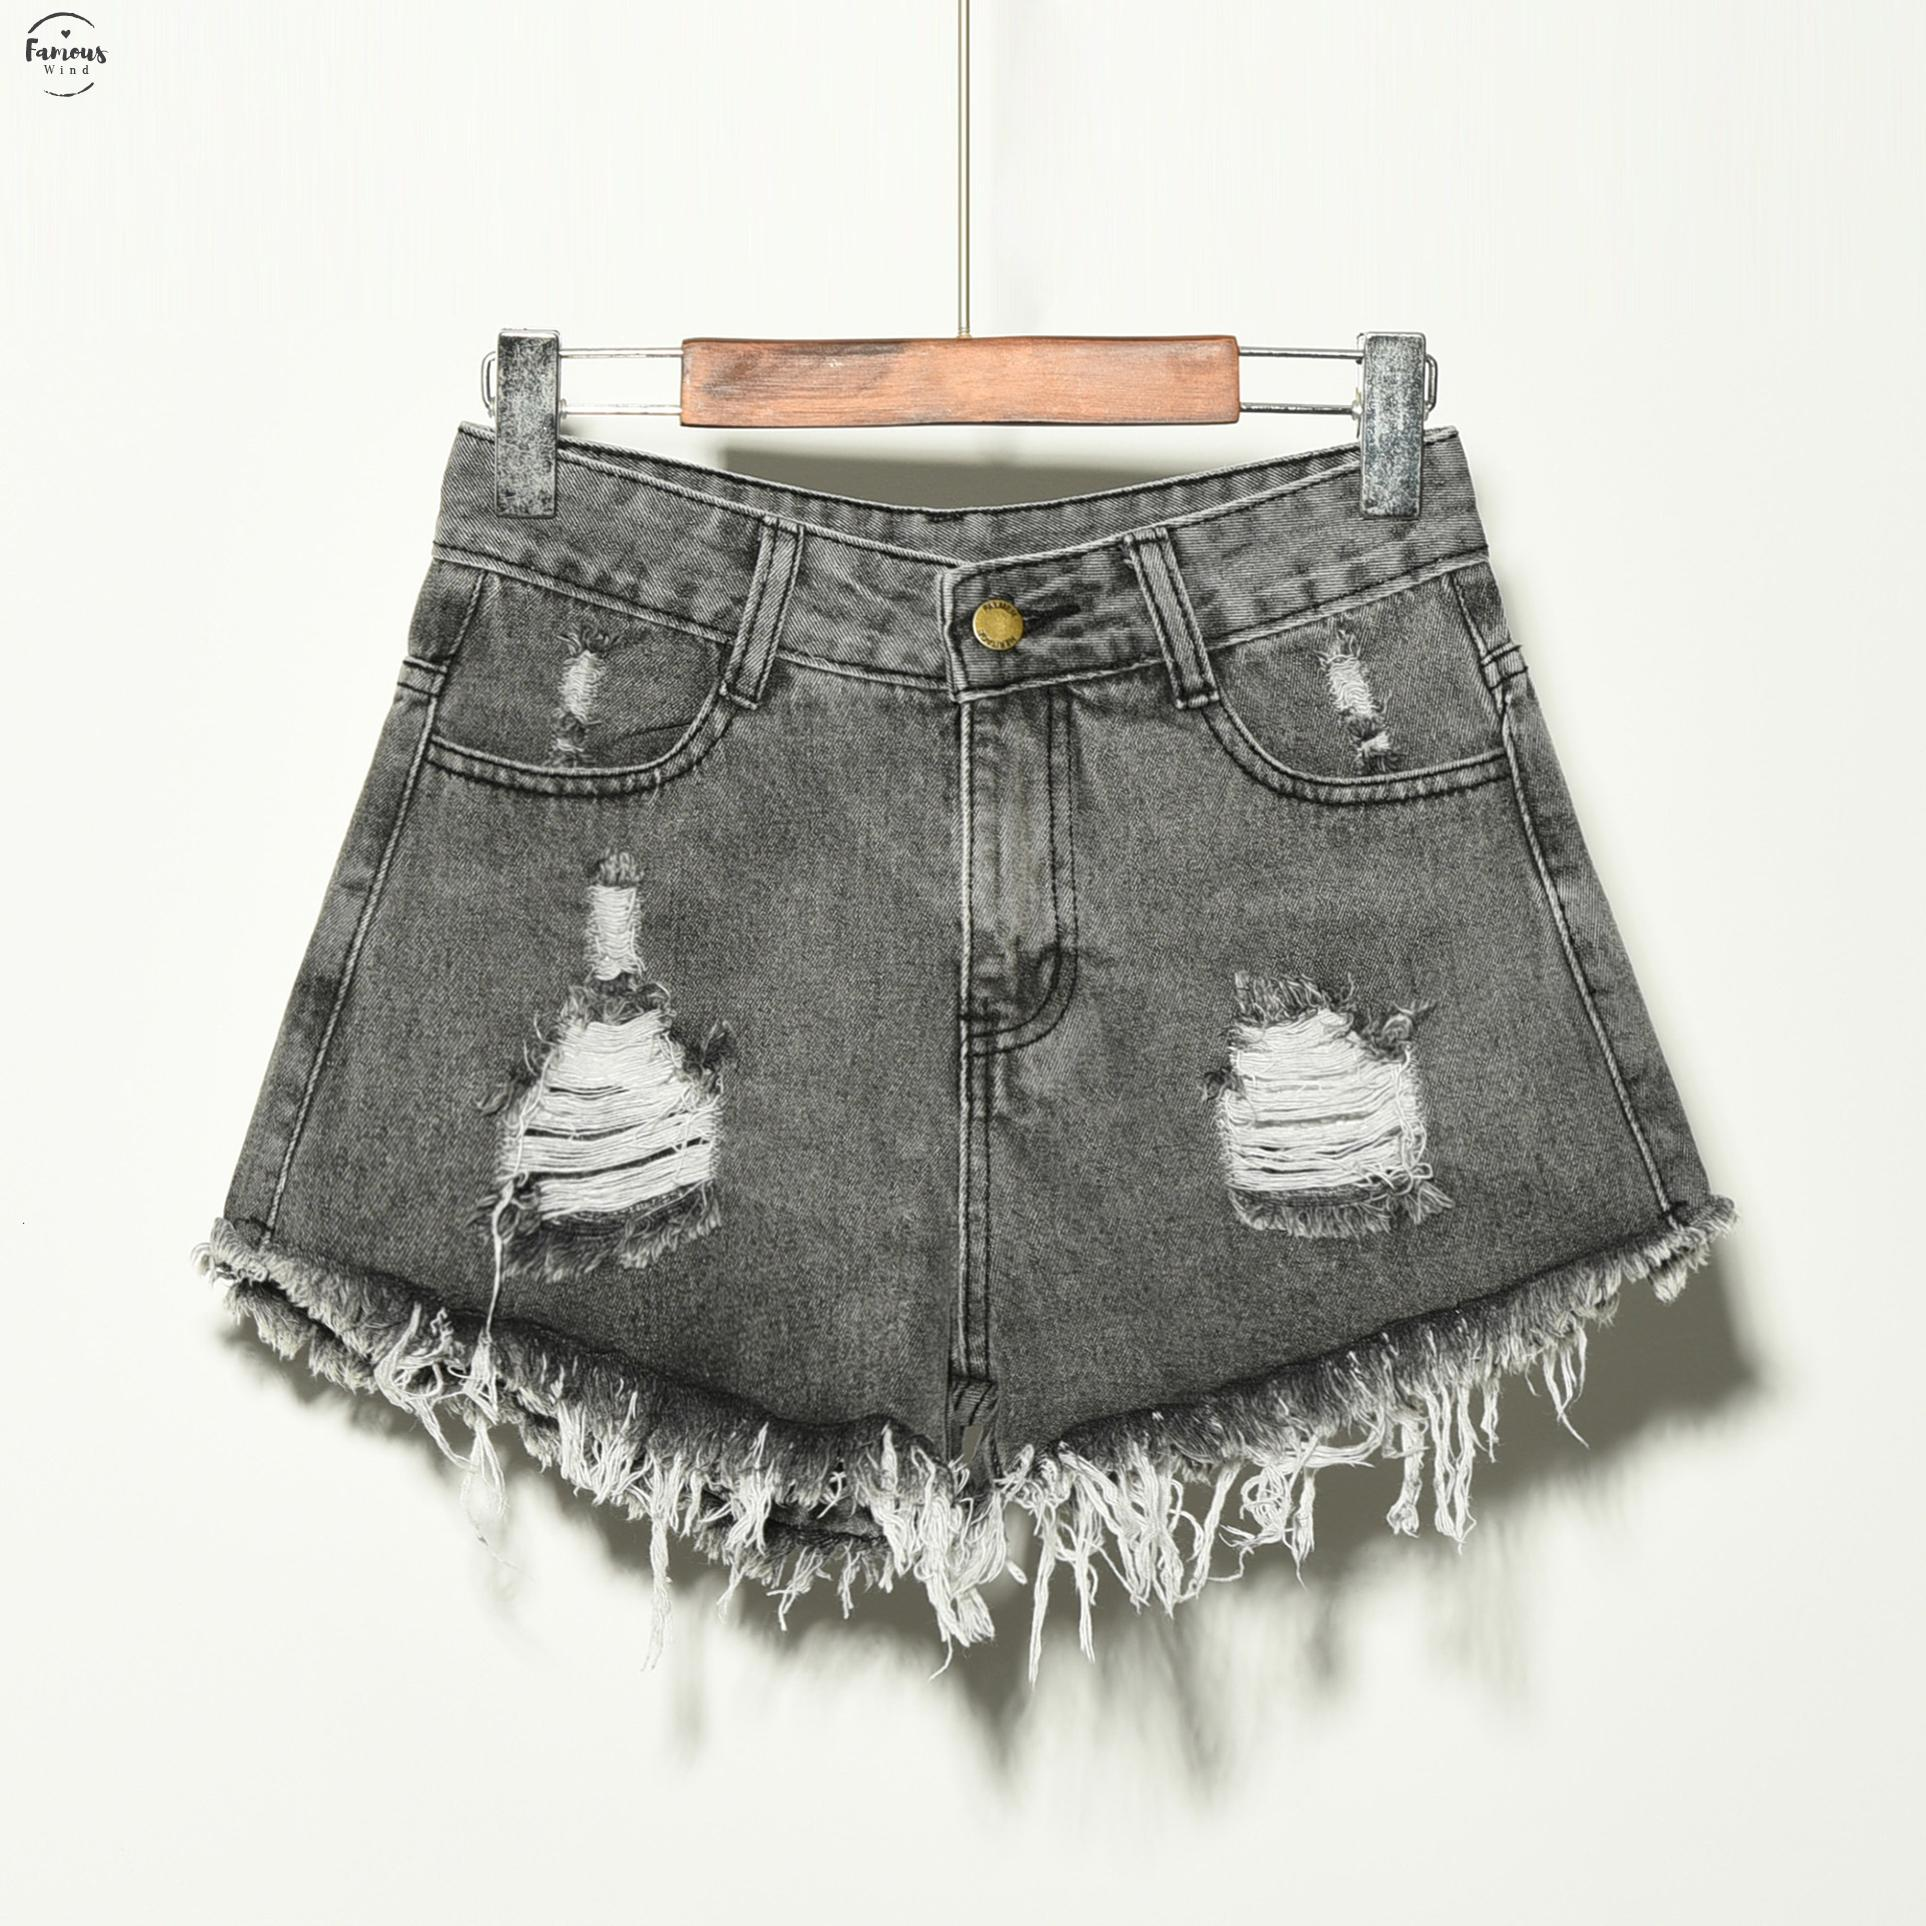 2019 caliente rasgado mujeres del bolsillo de pantalones cortos de verano de alta Casual Vintage agujero pantalones cortos de mezclilla para las mujeres envío de la gota